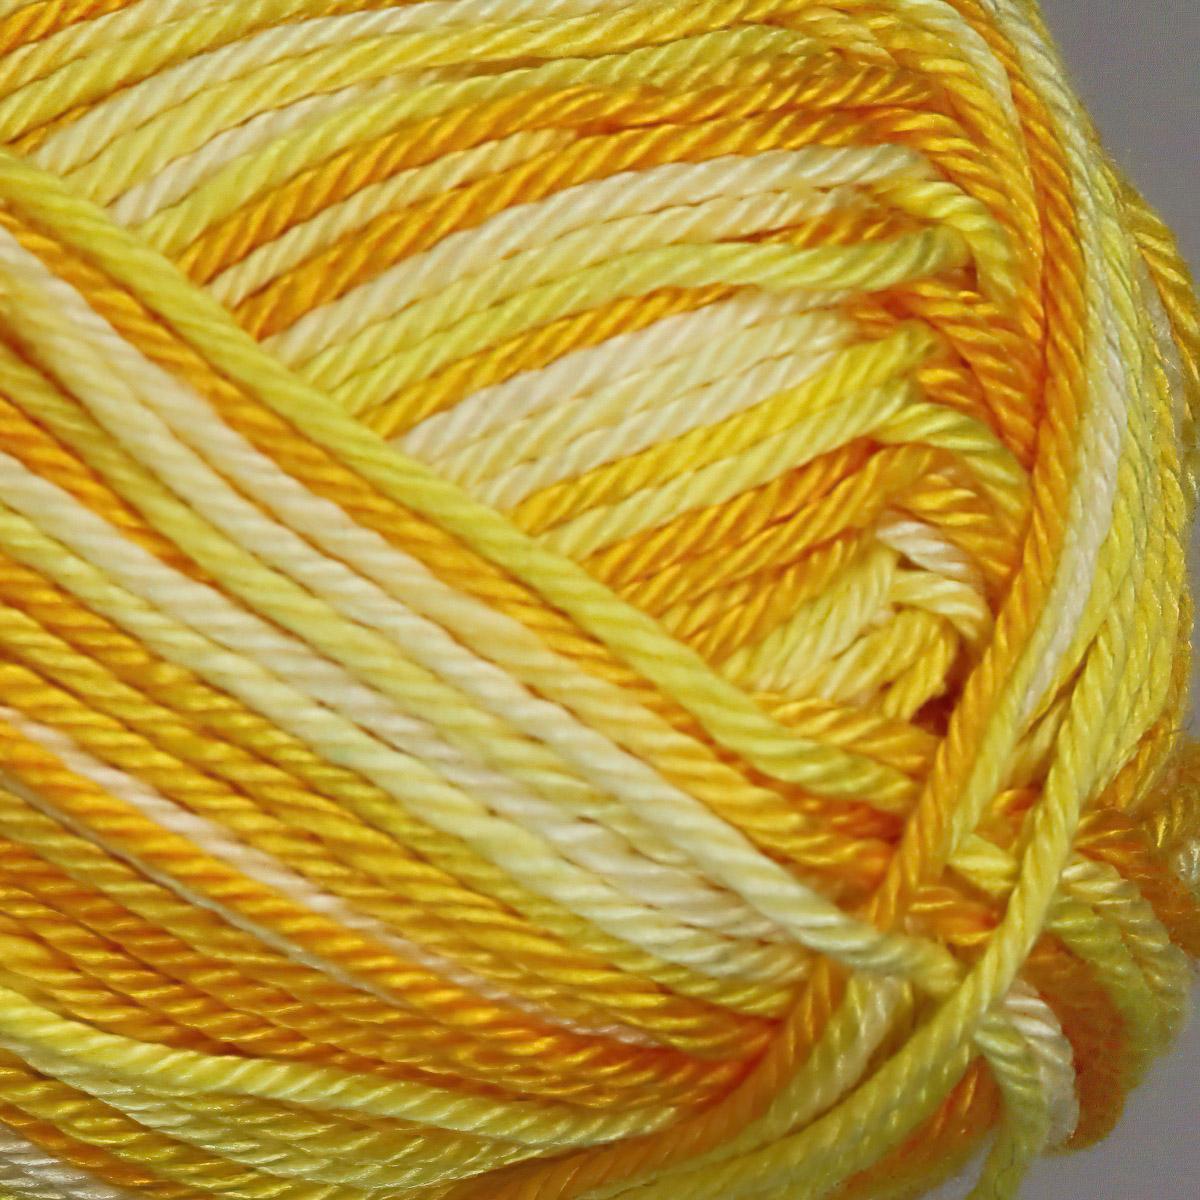 Pletací / háčkovací příze STOREX CAMILA NATURAL MULTICOLOR 9087 žlutá, melírovaná, 50g/125m